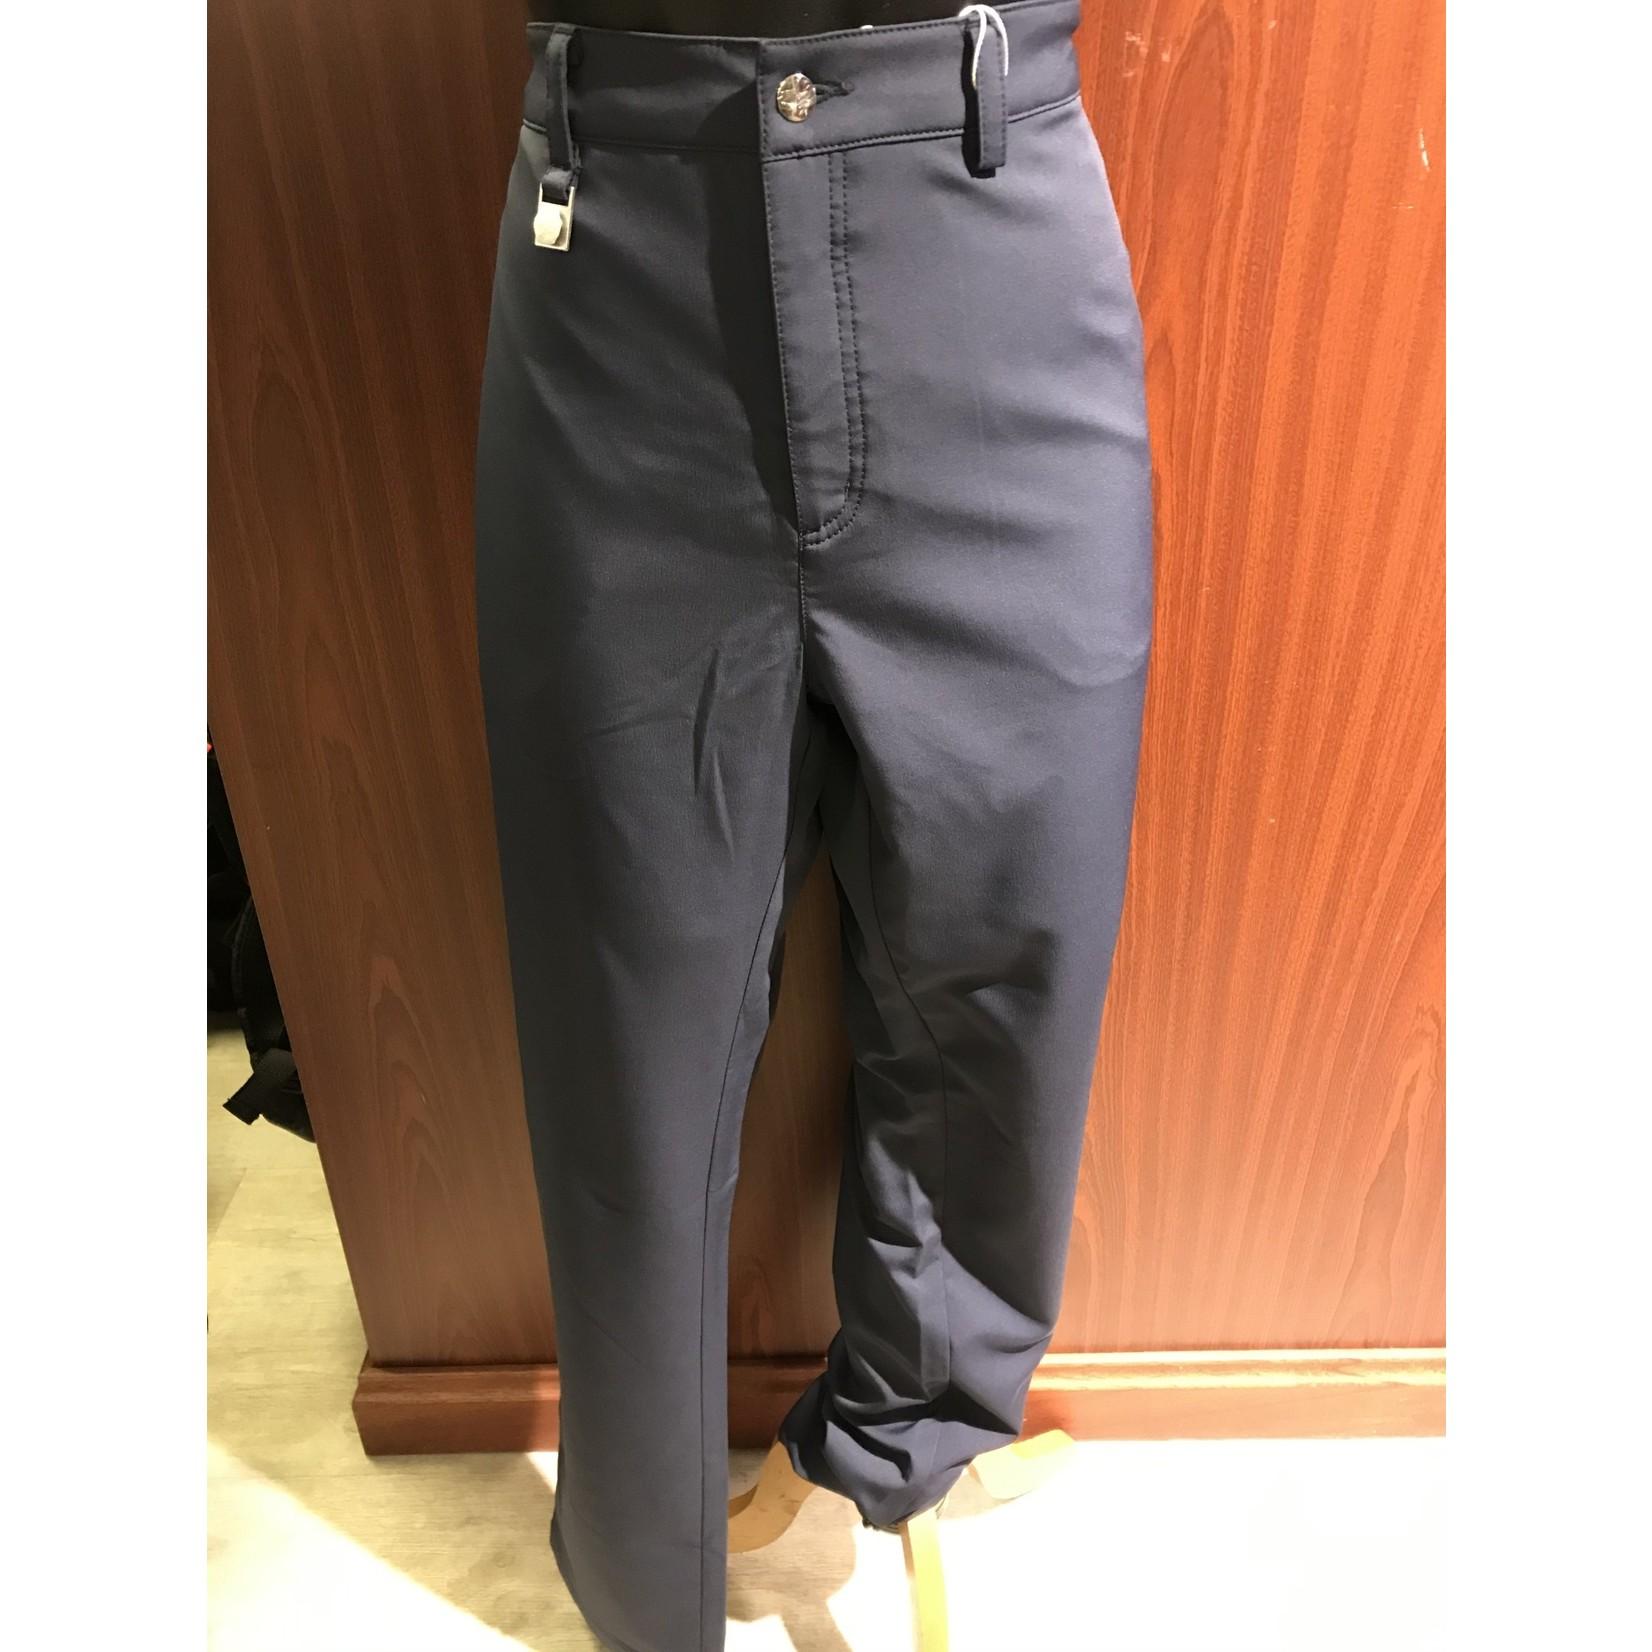 Rohnisch Rohnisch Break Pants blue 50